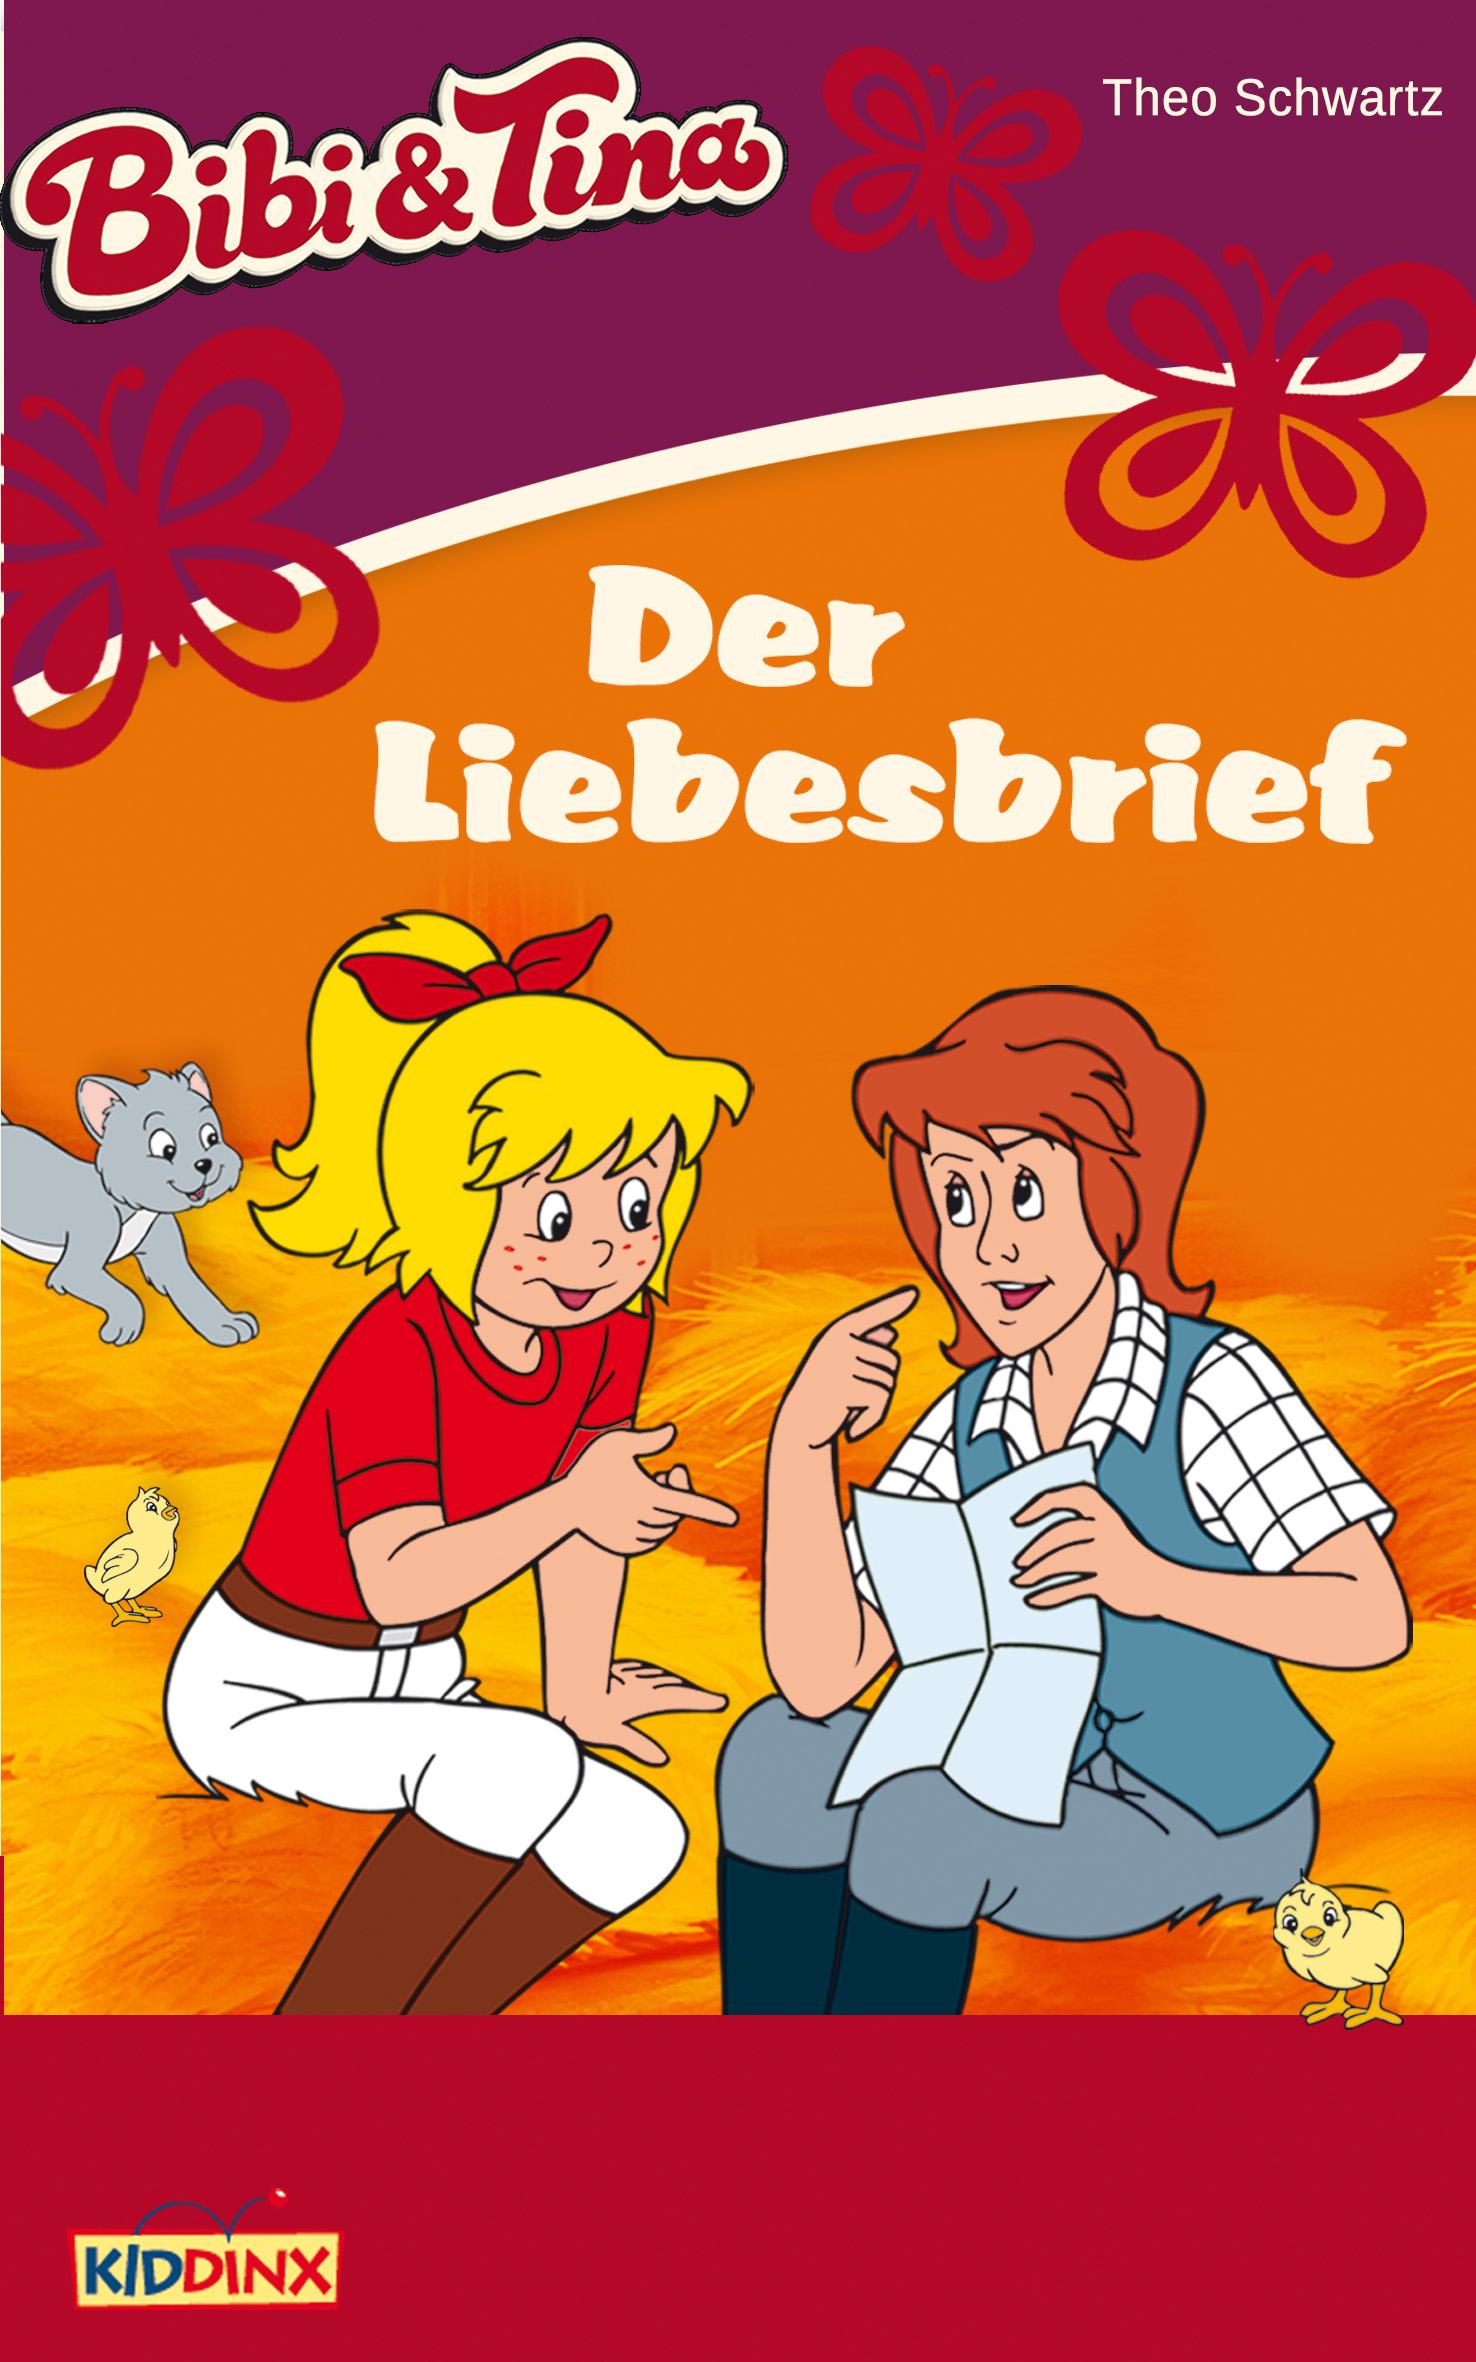 Bibi & Tina: Der Liebesbrief